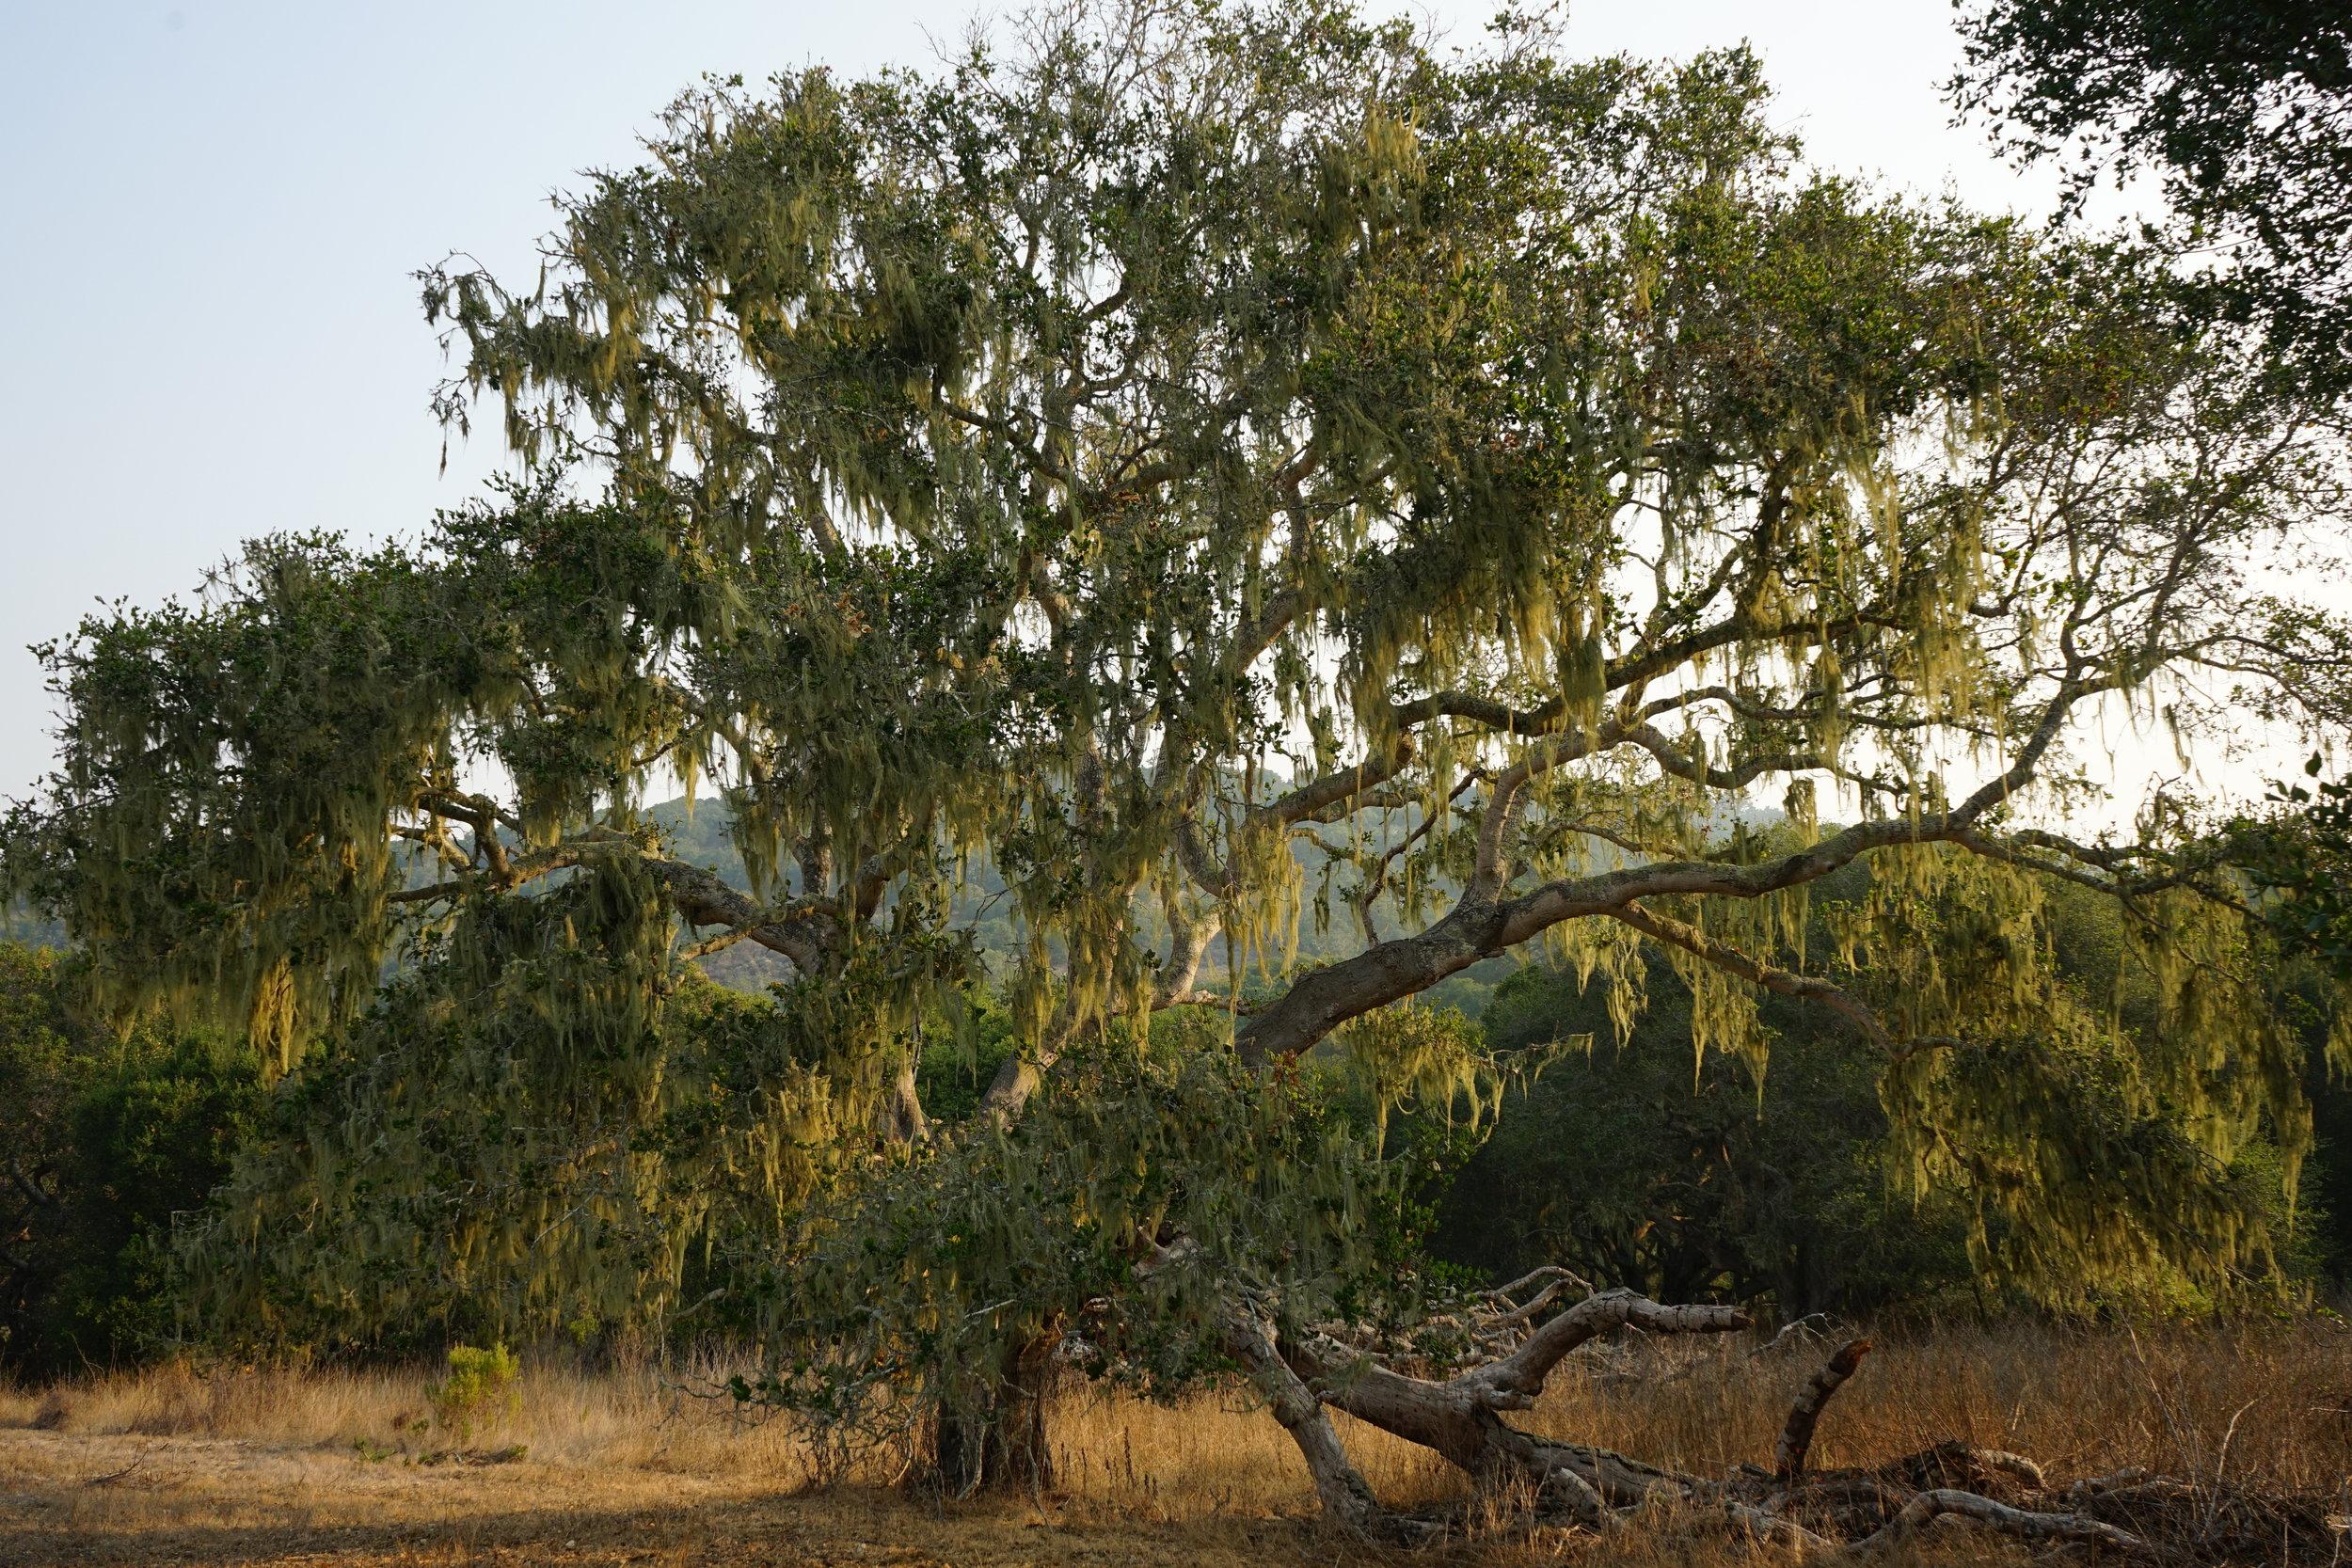 trees at walden monterey.jpg